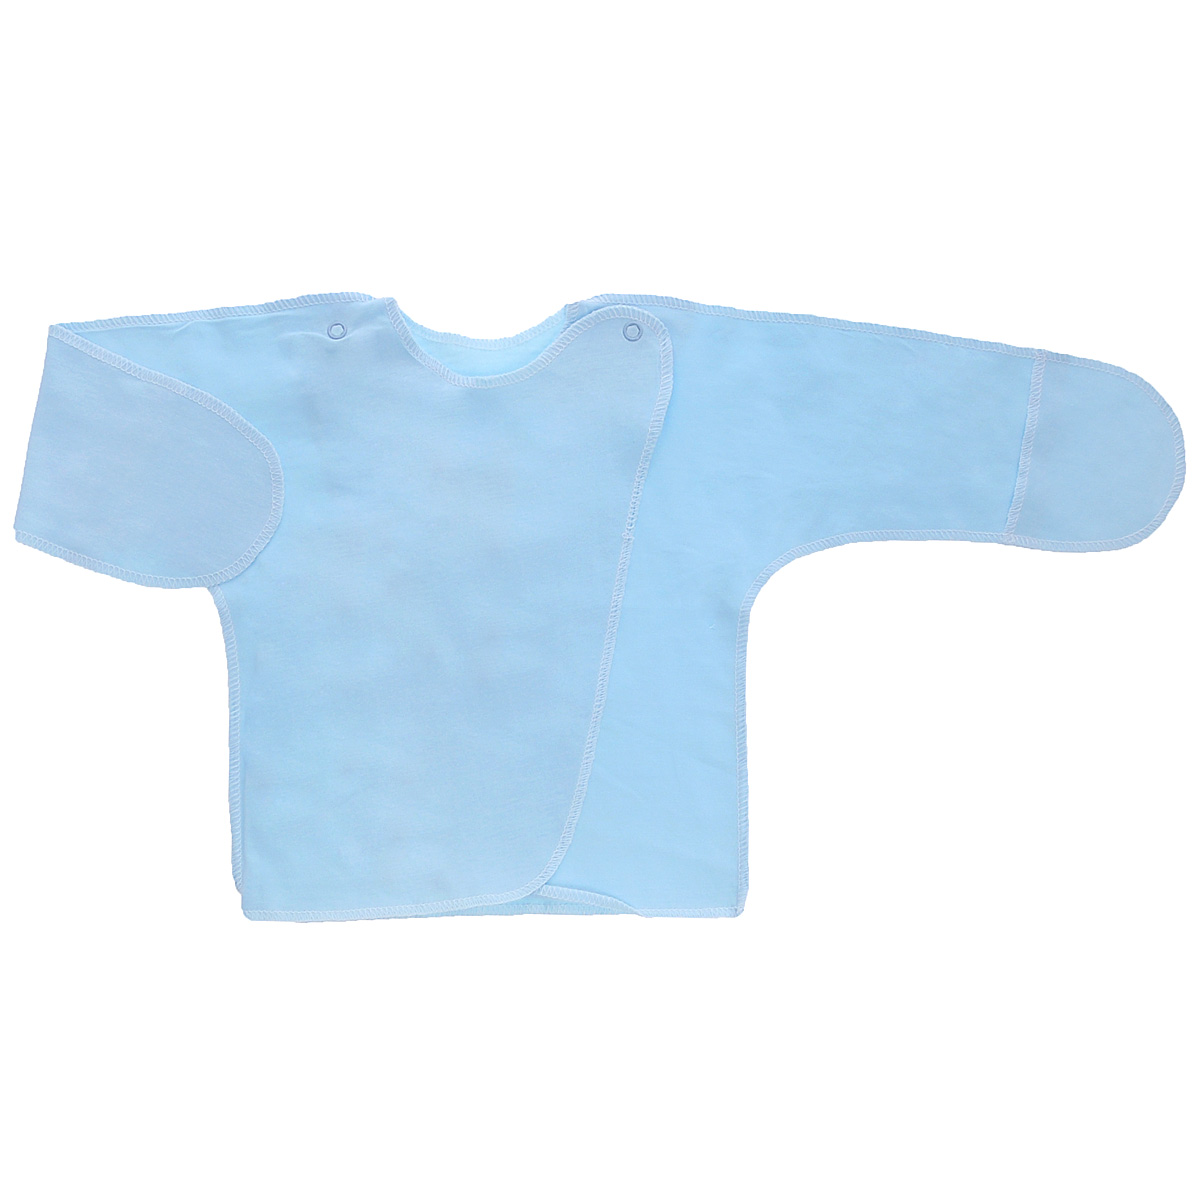 Распашонка Трон-плюс, цвет: голубой. 5003. Размер 62, 3 месяца5003Распашонка с закрытыми ручками Трон-плюс послужит идеальным дополнением к гардеробу младенца. Распашонка, выполненная швами наружу, изготовлена из кулирного полотна - натурального хлопка, благодаря чему она необычайно мягкая и легкая, не раздражает нежную кожу ребенка и хорошо вентилируется, а эластичные швы приятны телу малыша и не препятствуют его движениям. Распашонка с запахом, застегивается при помощи двух кнопок на плечах, которые позволяют без труда переодеть ребенка. Благодаря рукавичкам ребенок не поцарапает себя.